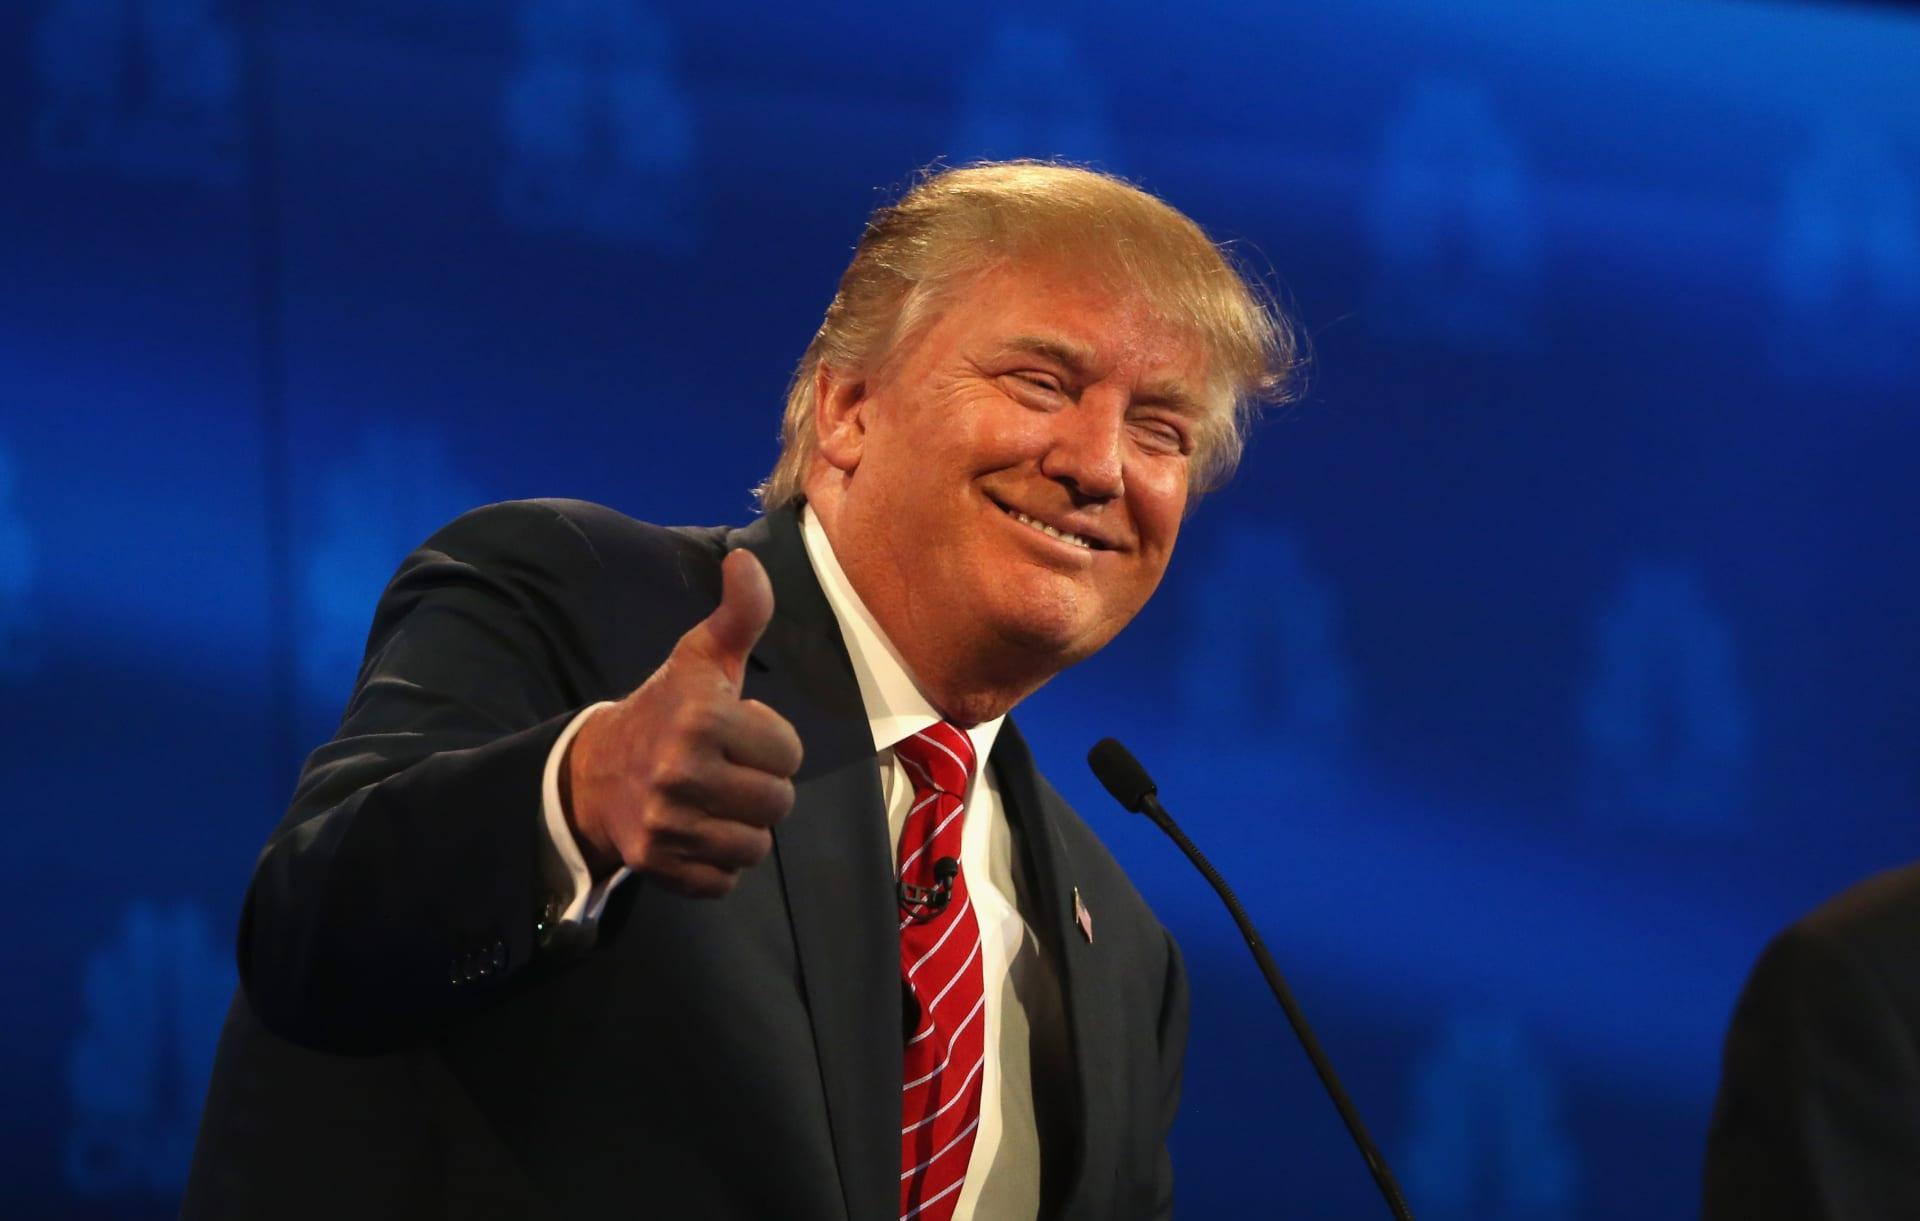 ترامب يدعي الفضل وراء خطة إدارة أوباما لترحيل المهاجرين غير الشرعيين من أمريكا